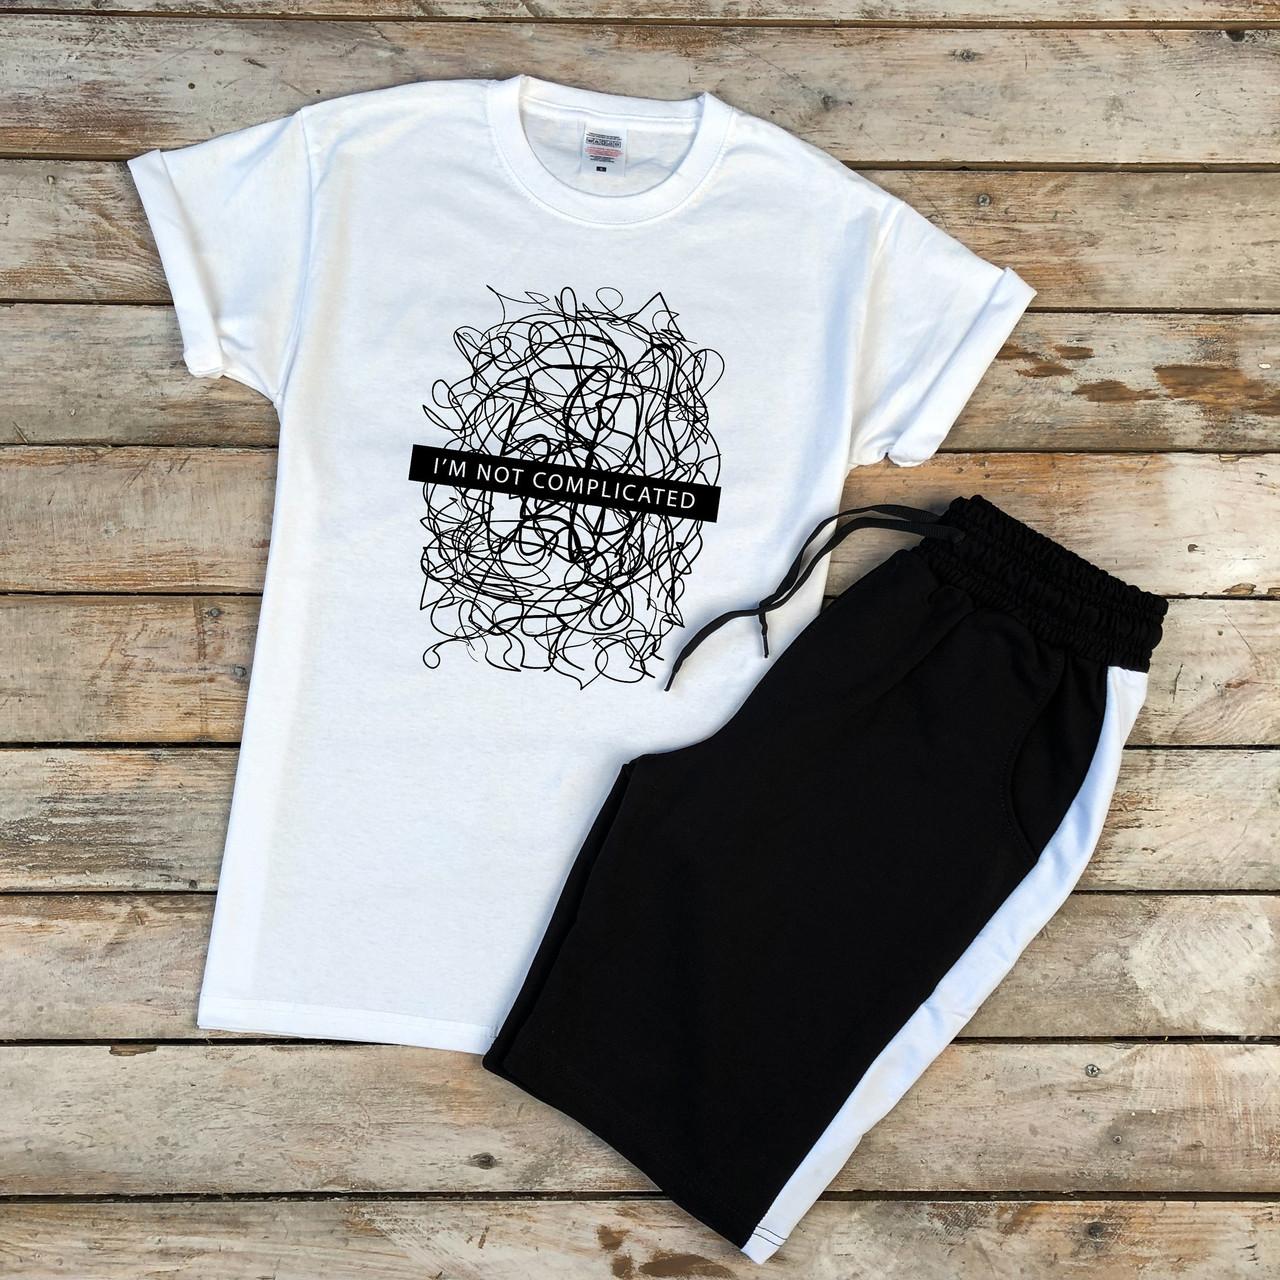 """Мужской летний комплект белая футболка с принтом """"I'M NOT COMPLICATED"""" и чёрные шорты лампас"""